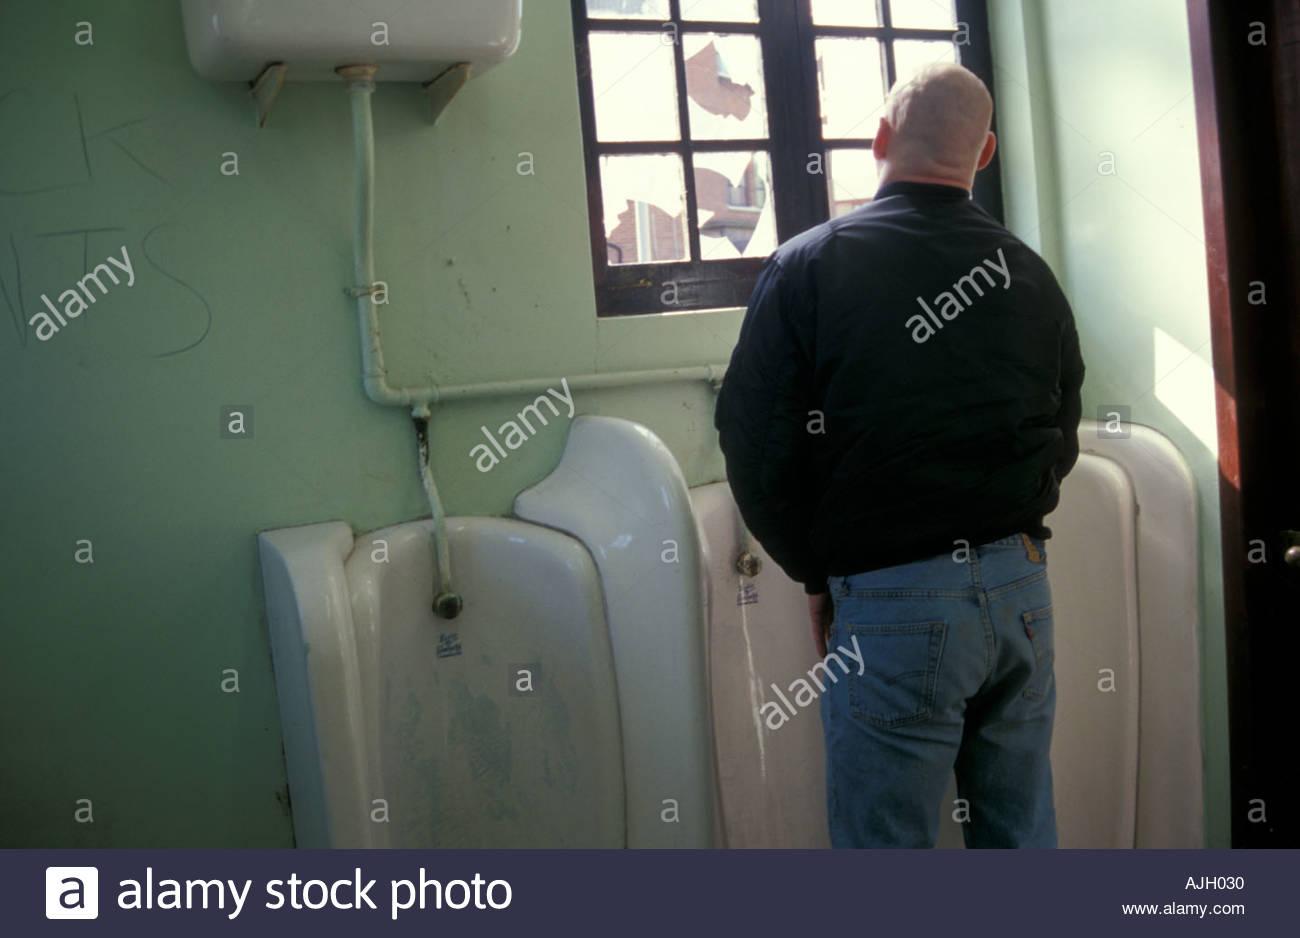 Man Using Public Toilet UK